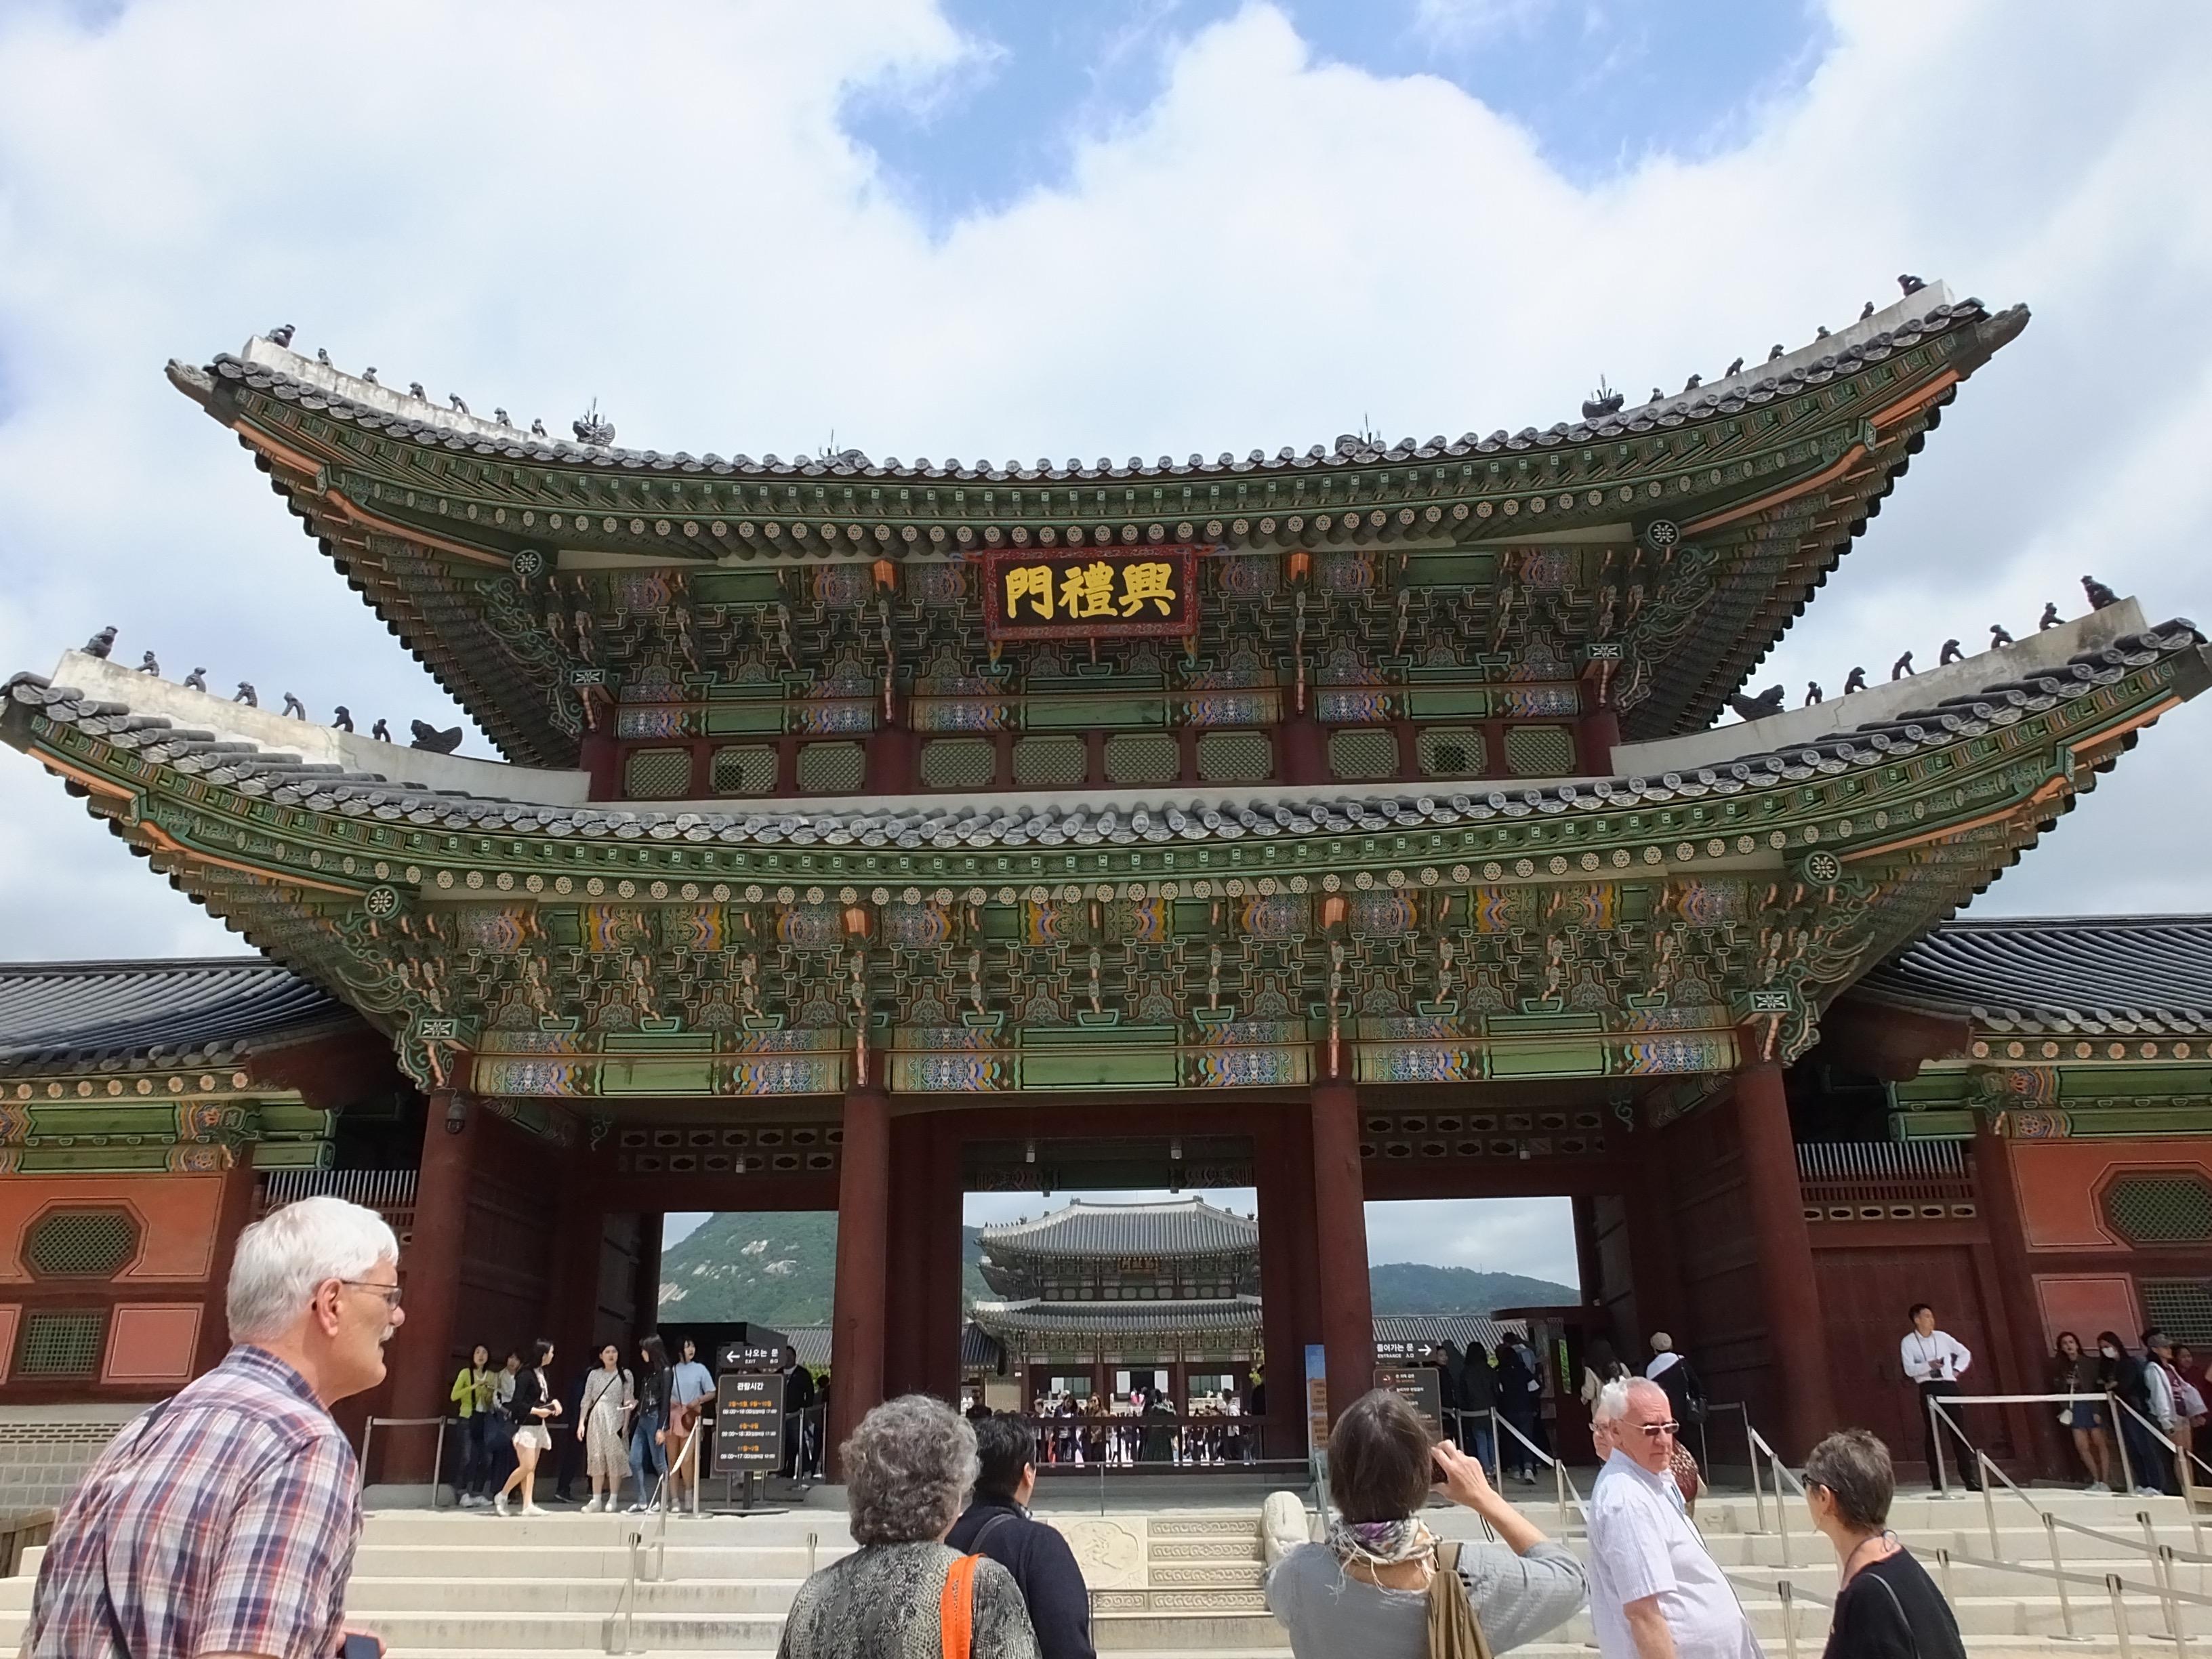 Palace Structure details